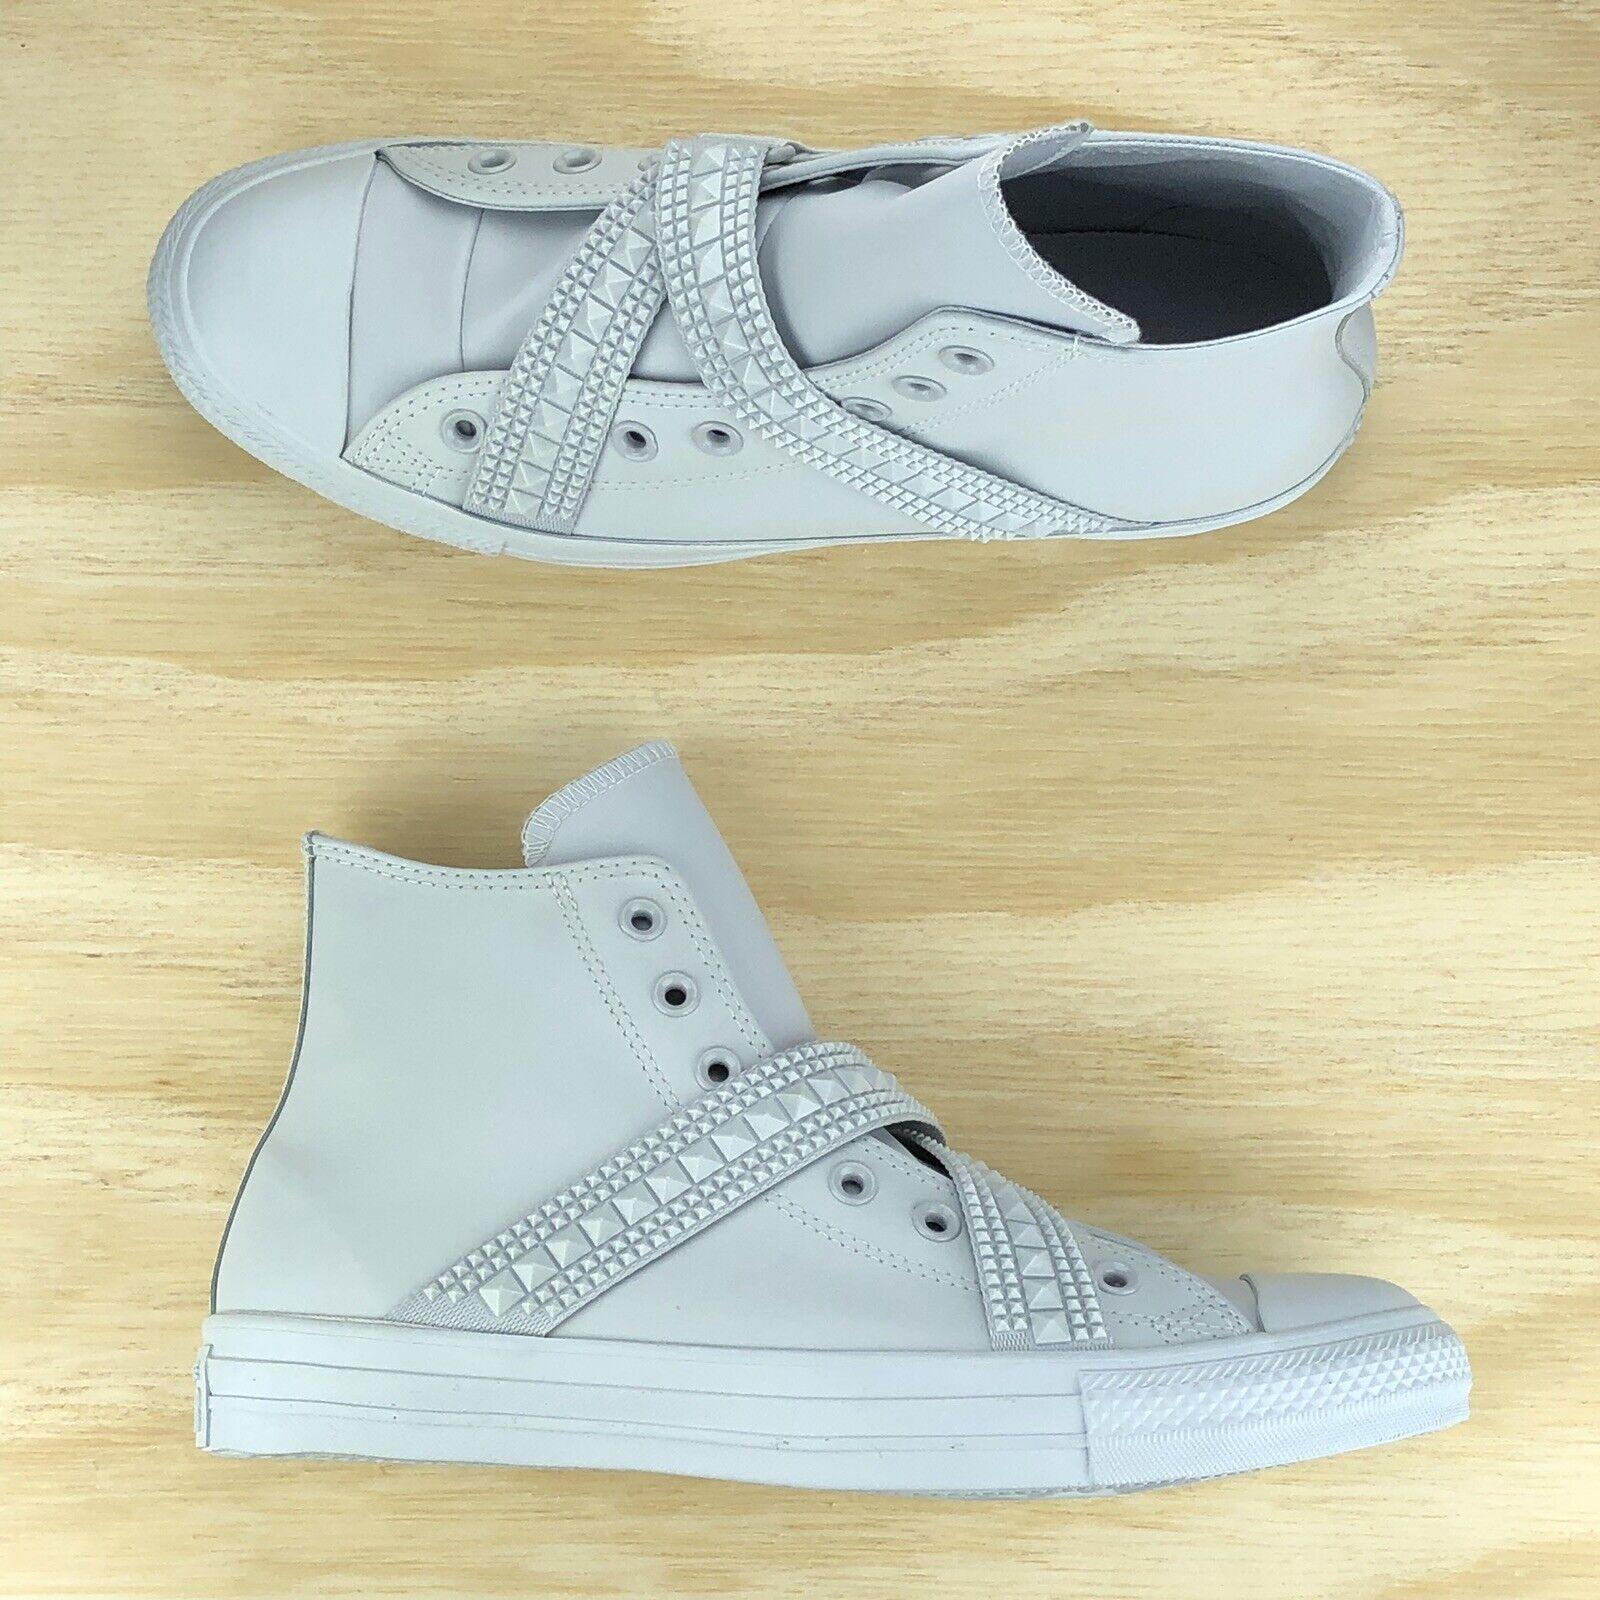 Converse Chuck Taylor All Star Hi Top Punk Strap Platinum Sneakers 562431C Sz 11